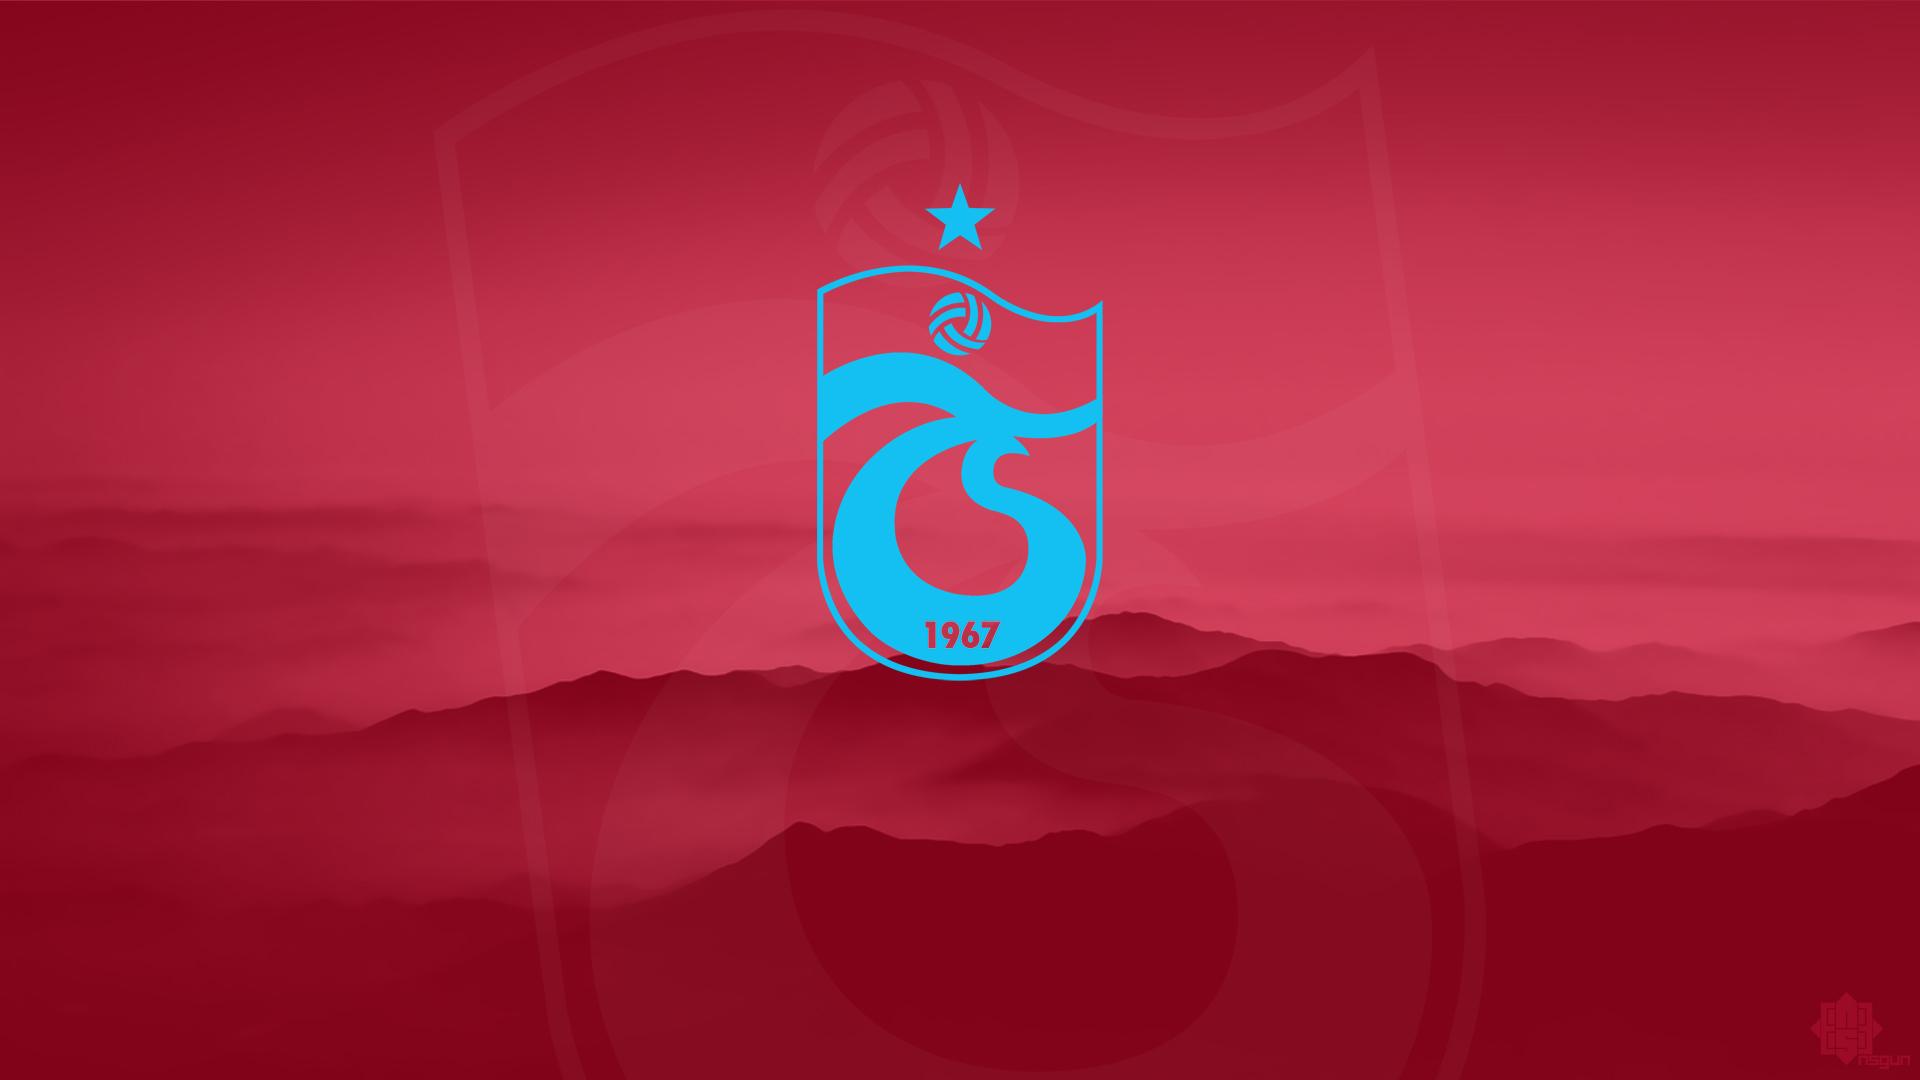 Trabzonspor Wallpaper By Nsgun On DeviantArt